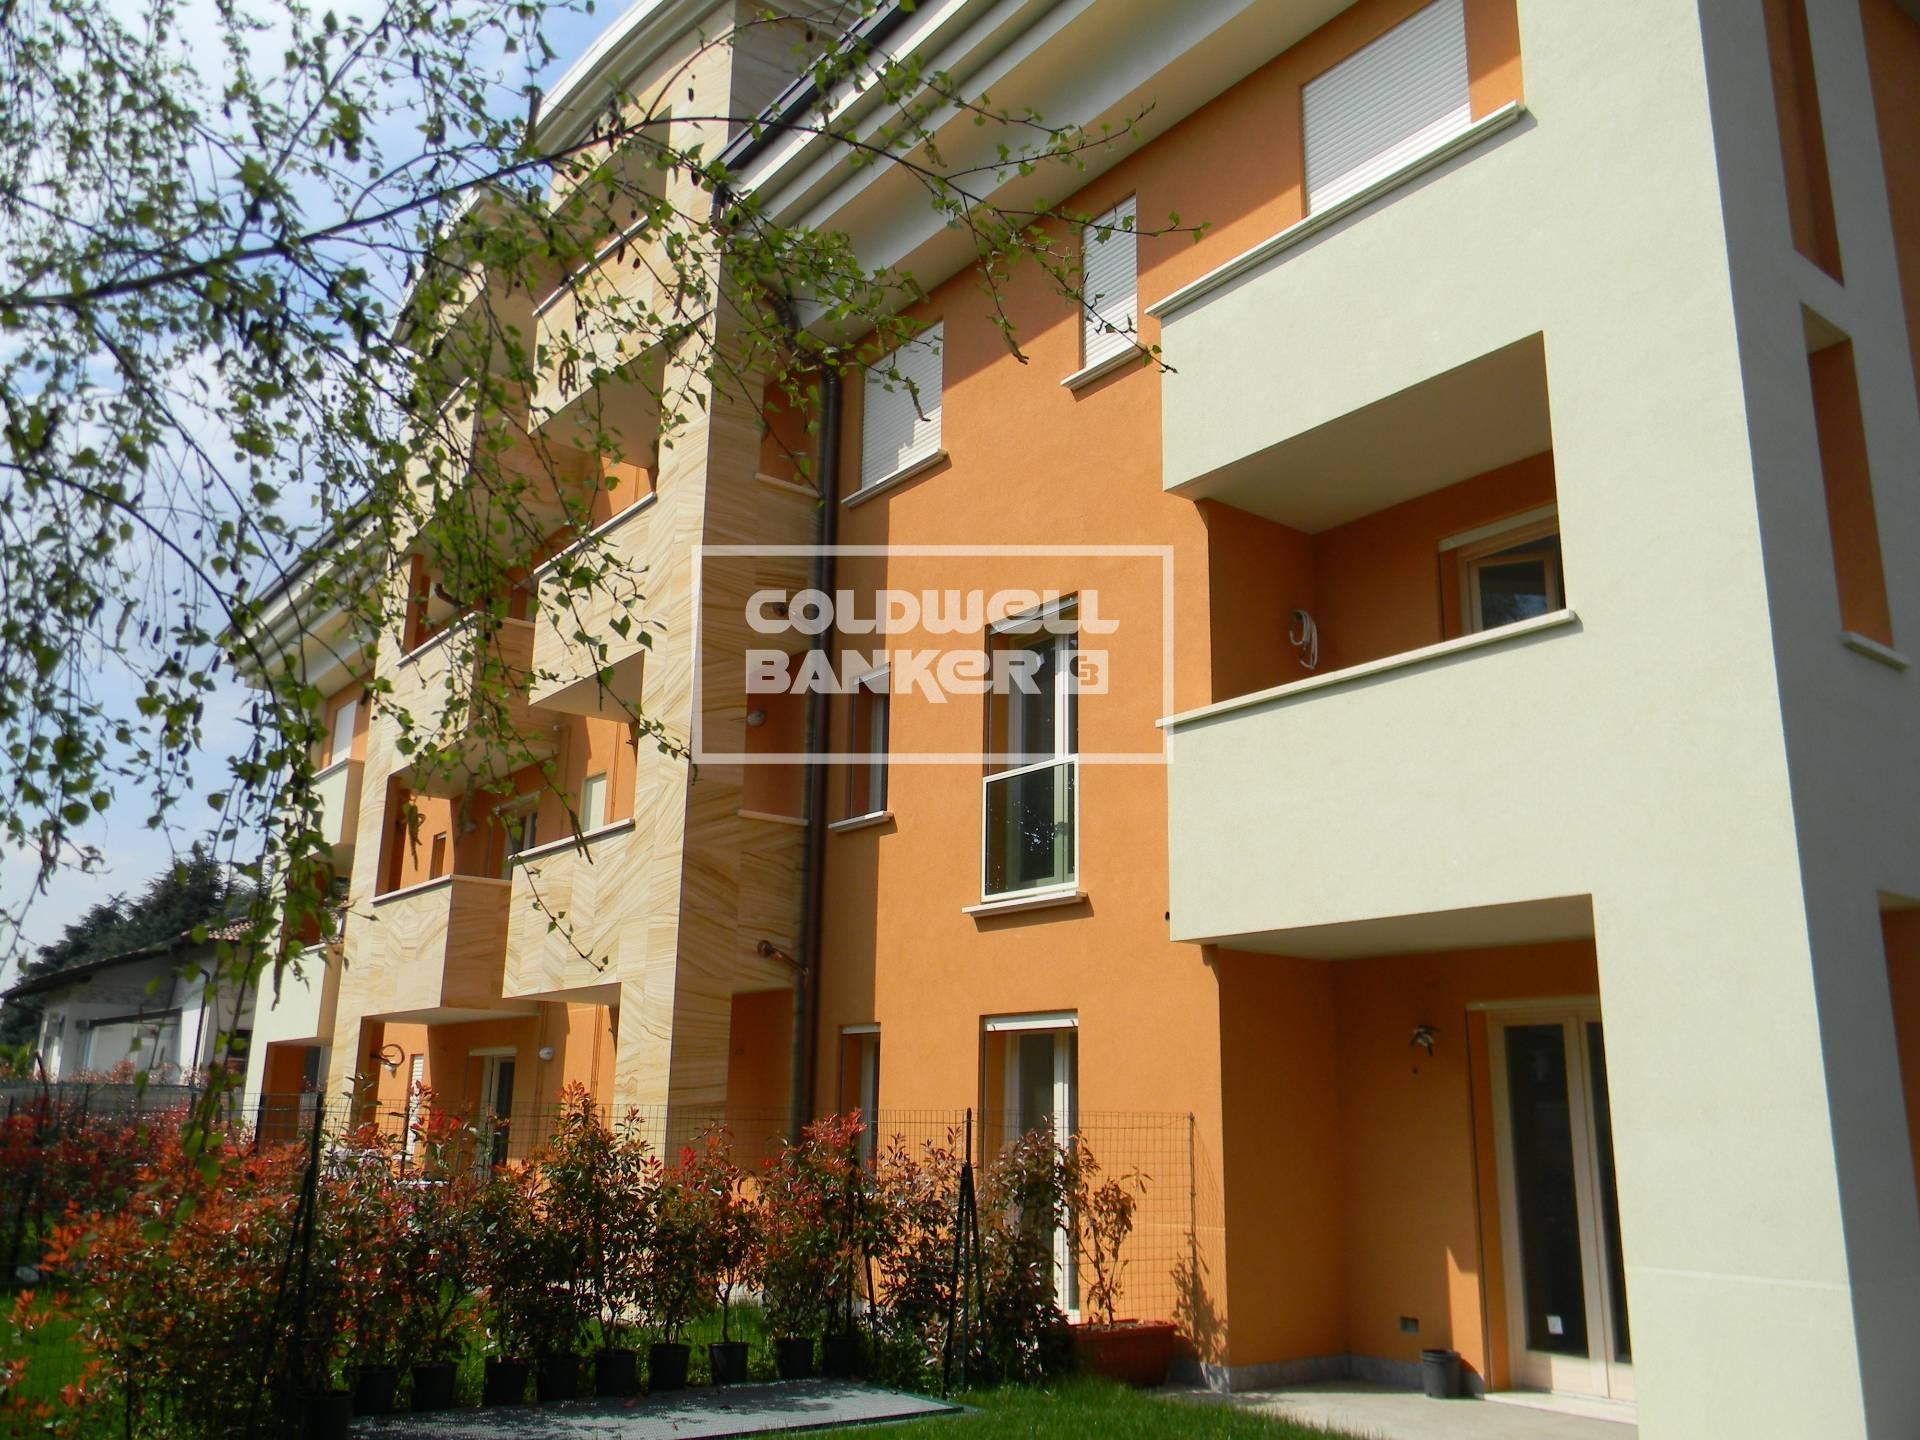 Appartamento a legnano cod v000709 for Appartamenti arredati in affitto a cormano